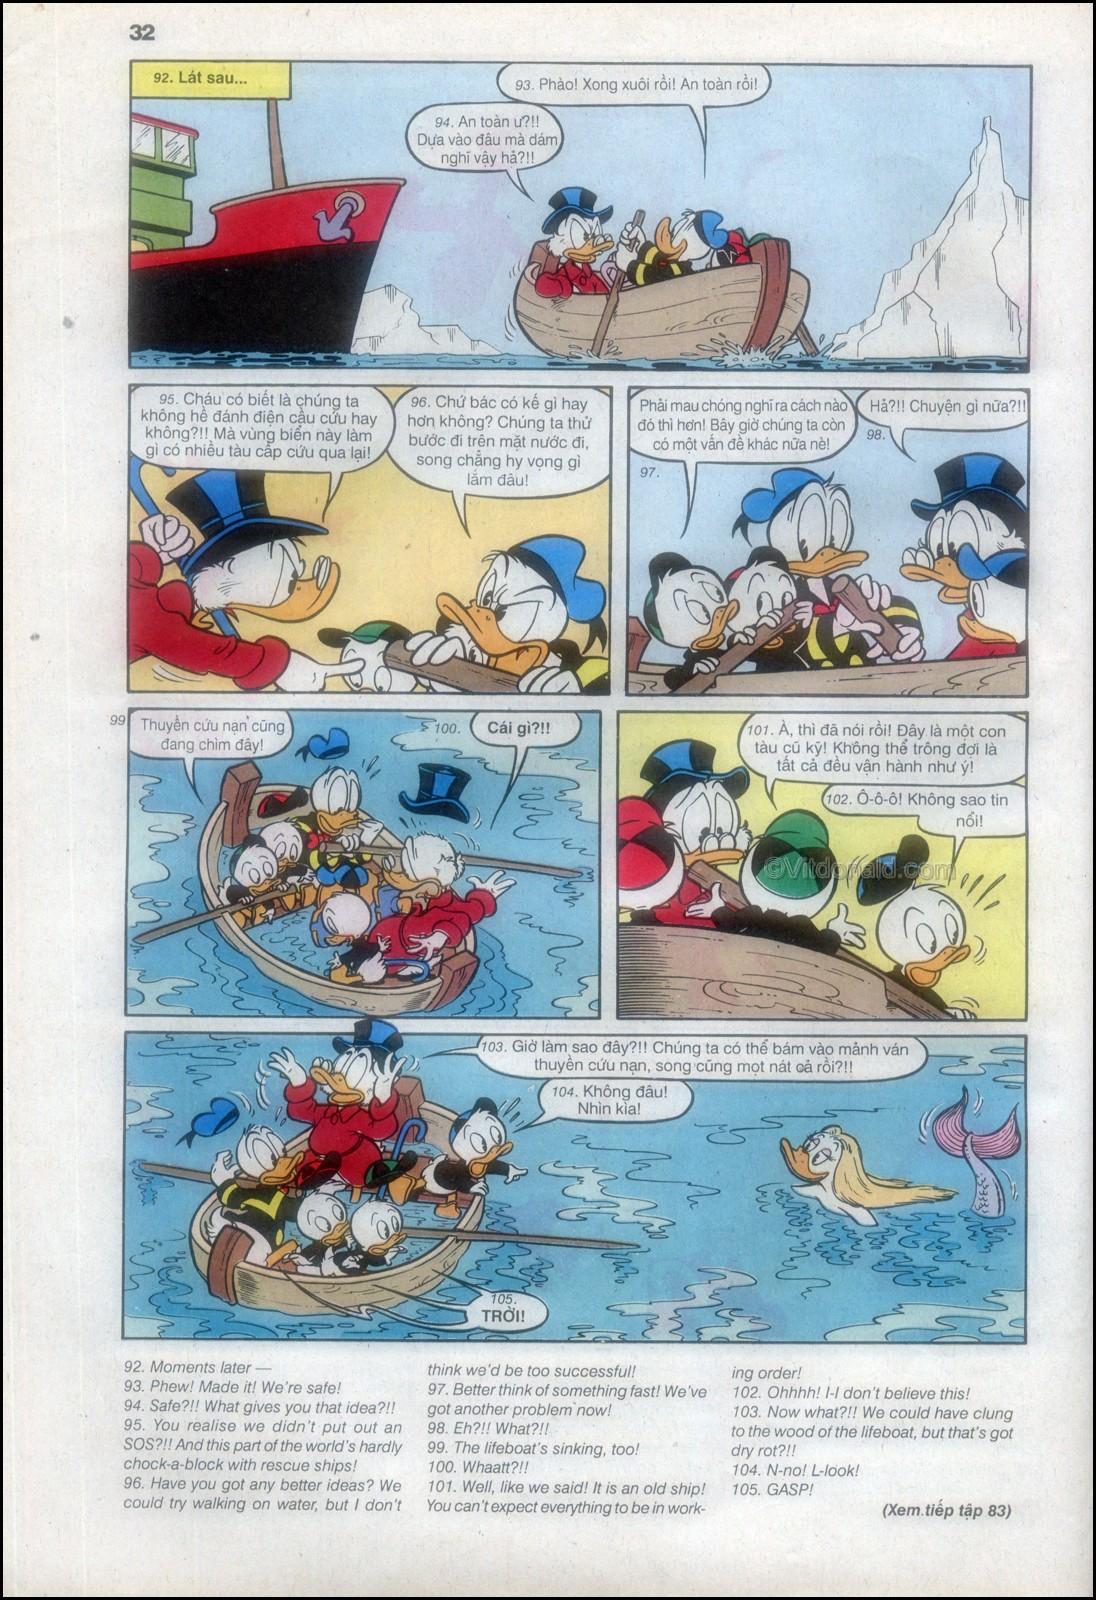 Donald và bạn hữu chap 82 - Trang 34